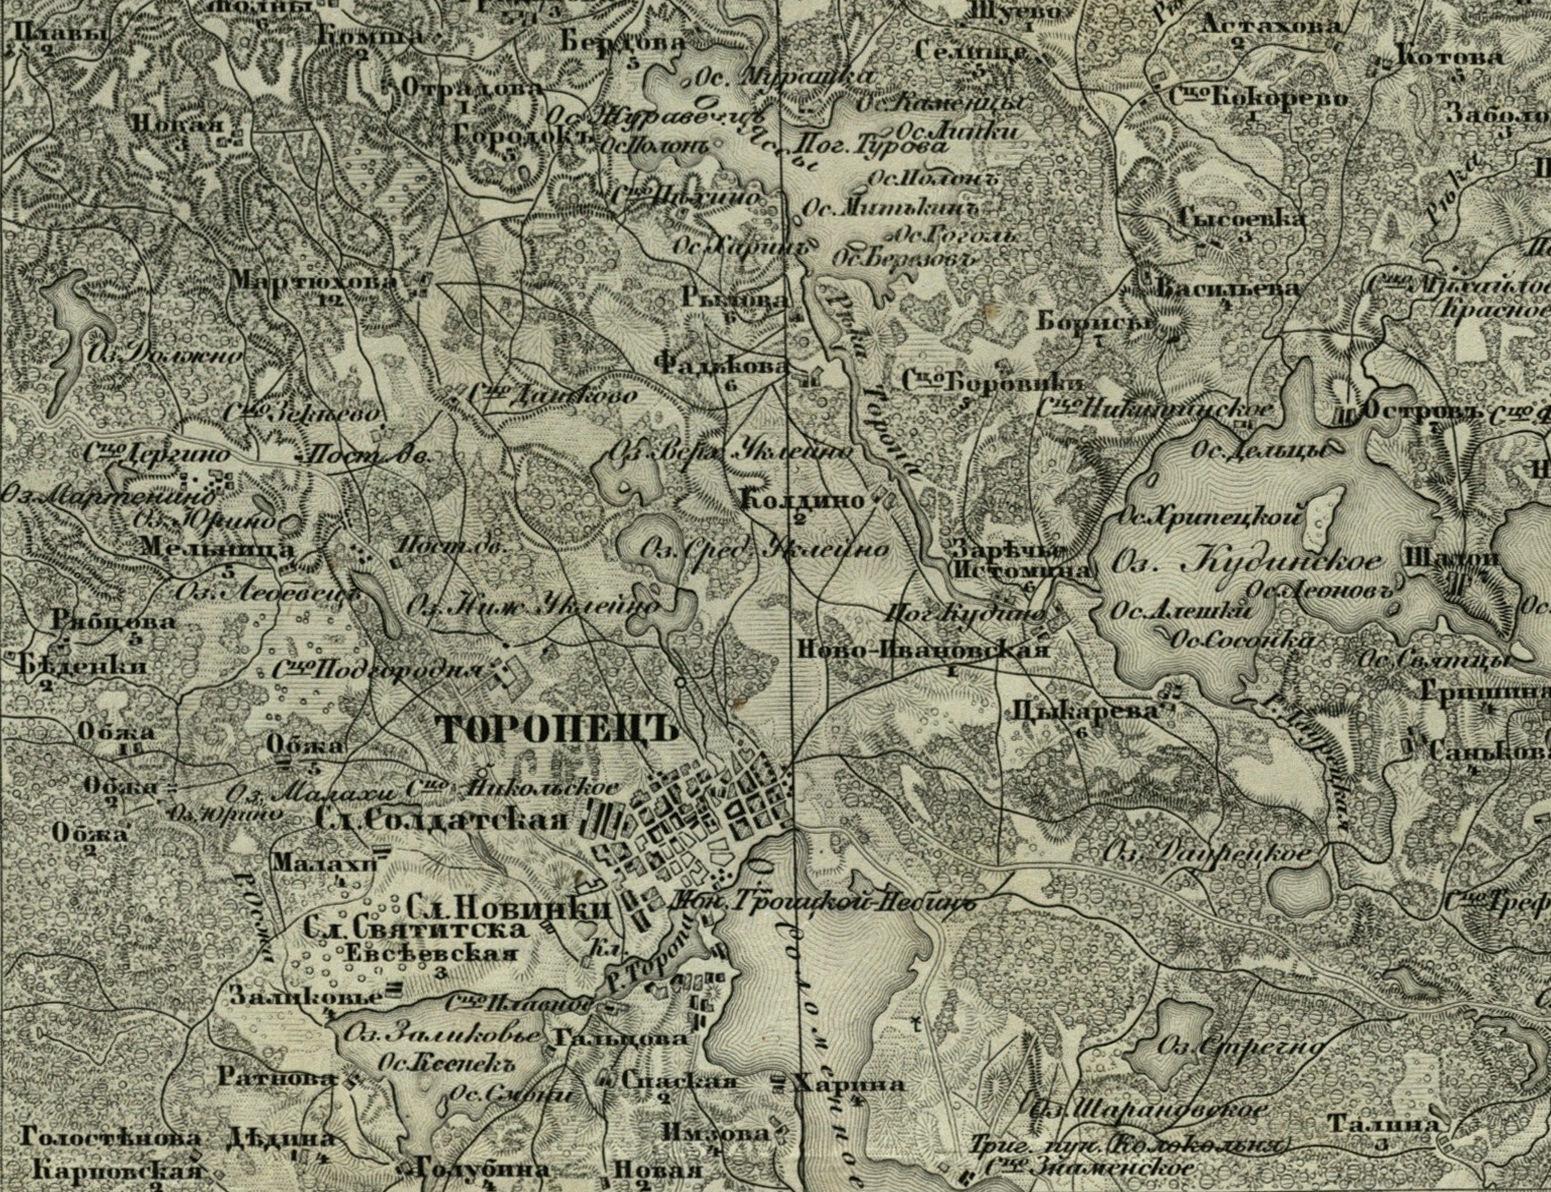 фото карты торопецкий район кажется, что